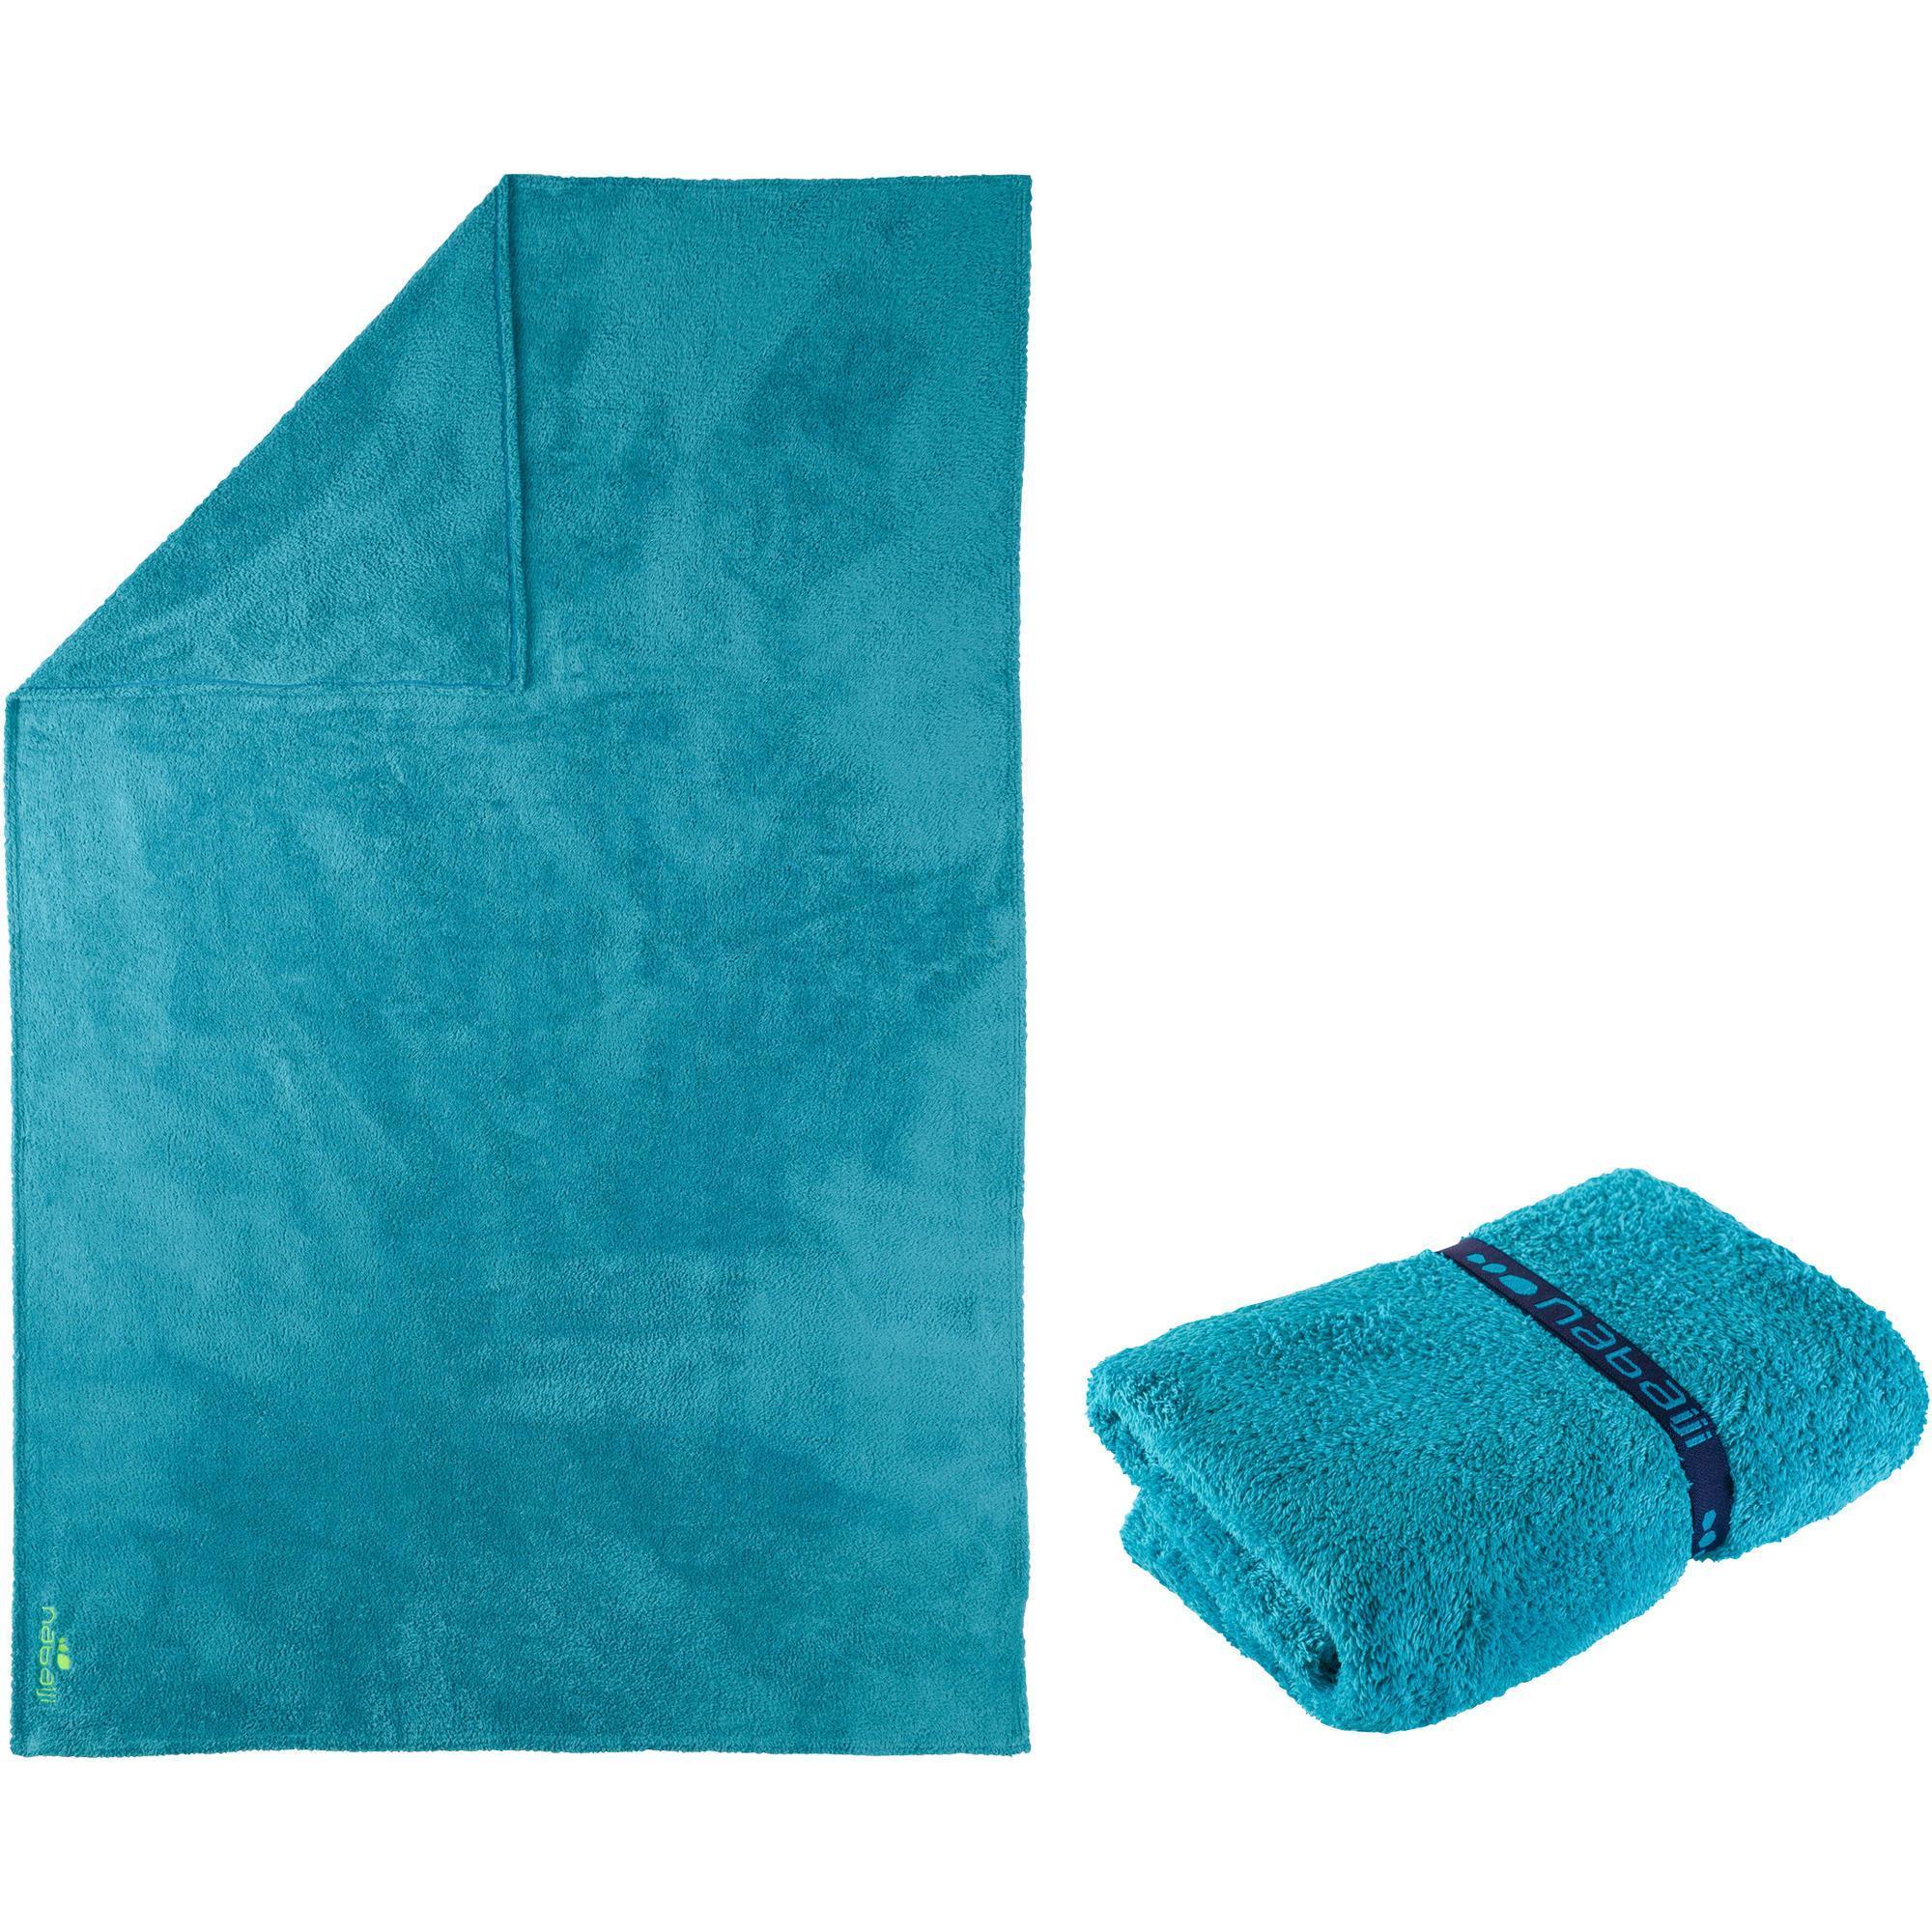 Nabaiji Zachte microvezelhanddoek XL blauw kopen? Sport>Handdoeken>Zwemhanddoeken met voordeel vind je hier